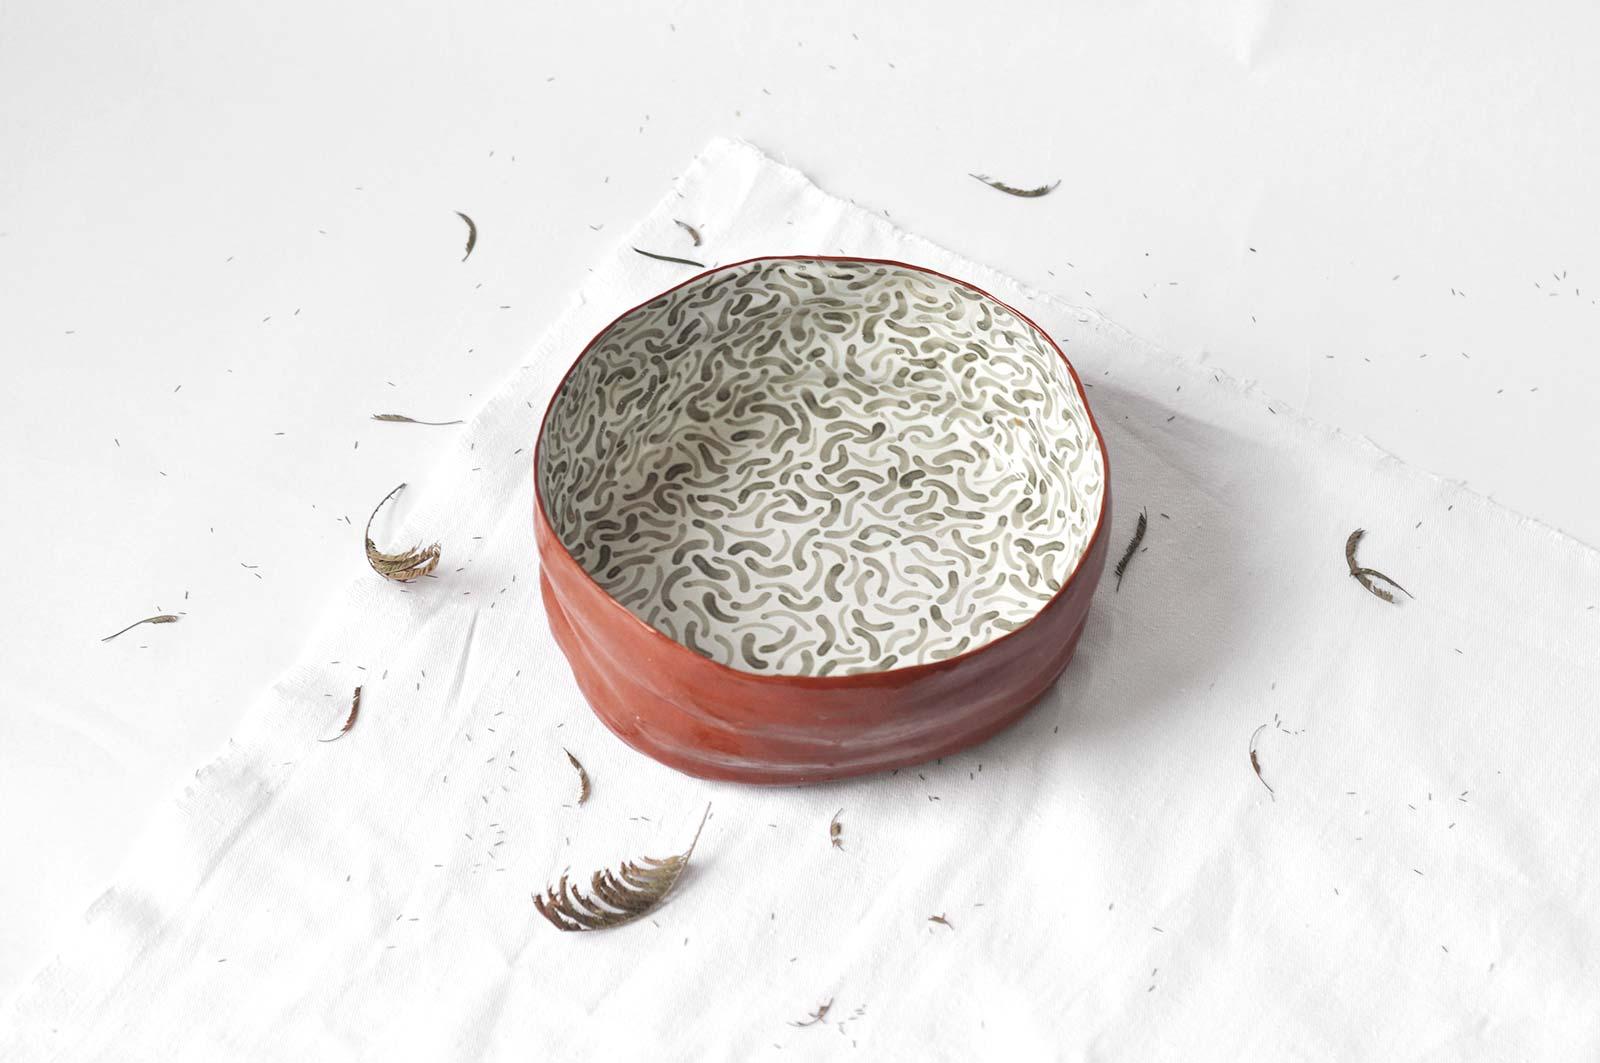 Вид збоку - Велика глибока тарілка з з кераміки (Ручна робота)